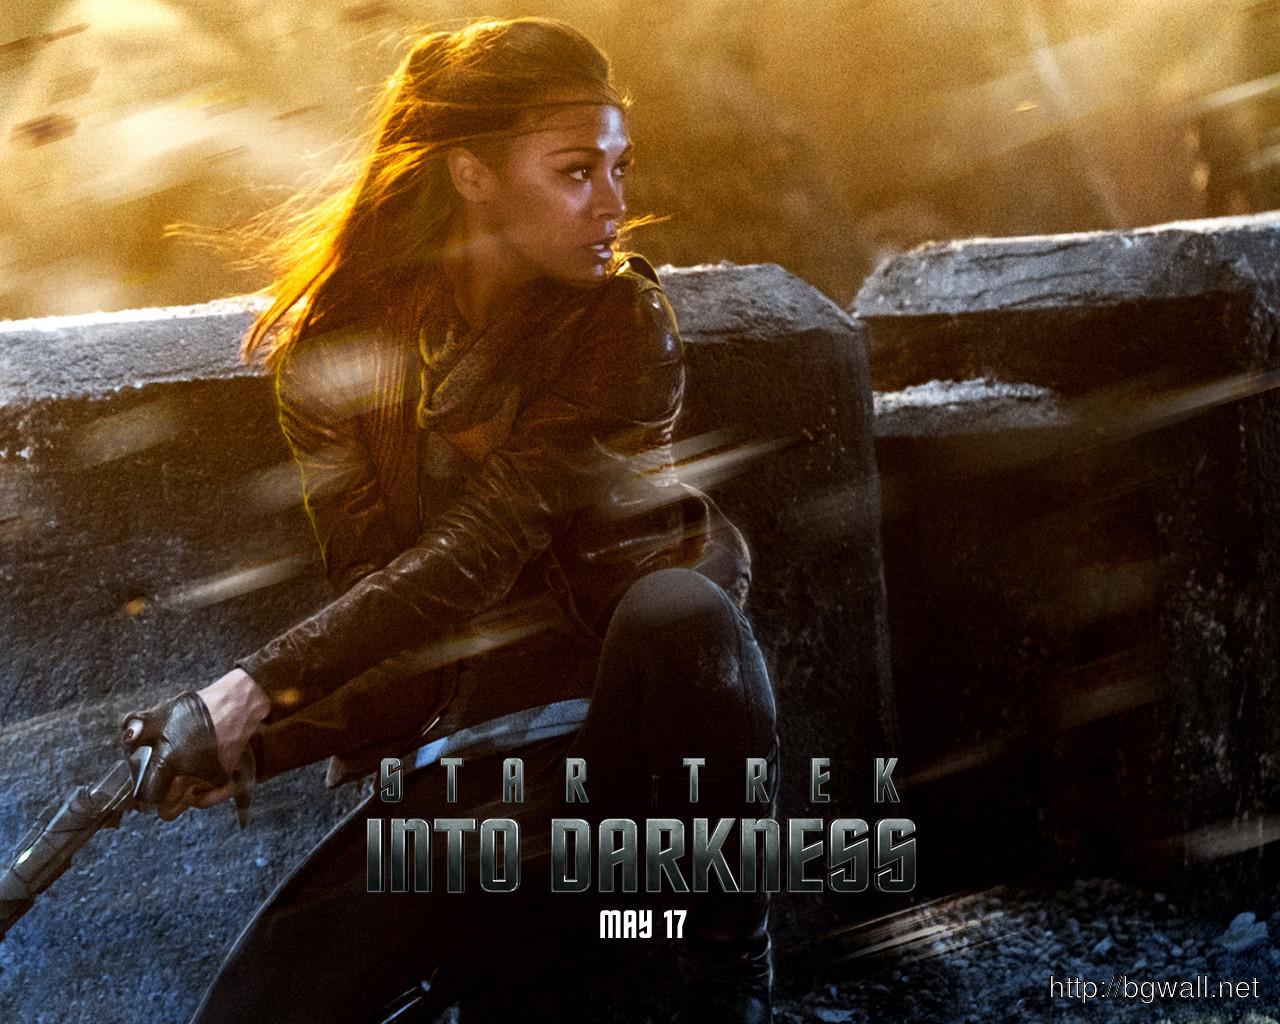 Zoe Saldana In Star Trek Into Darkness Wallpaper Background